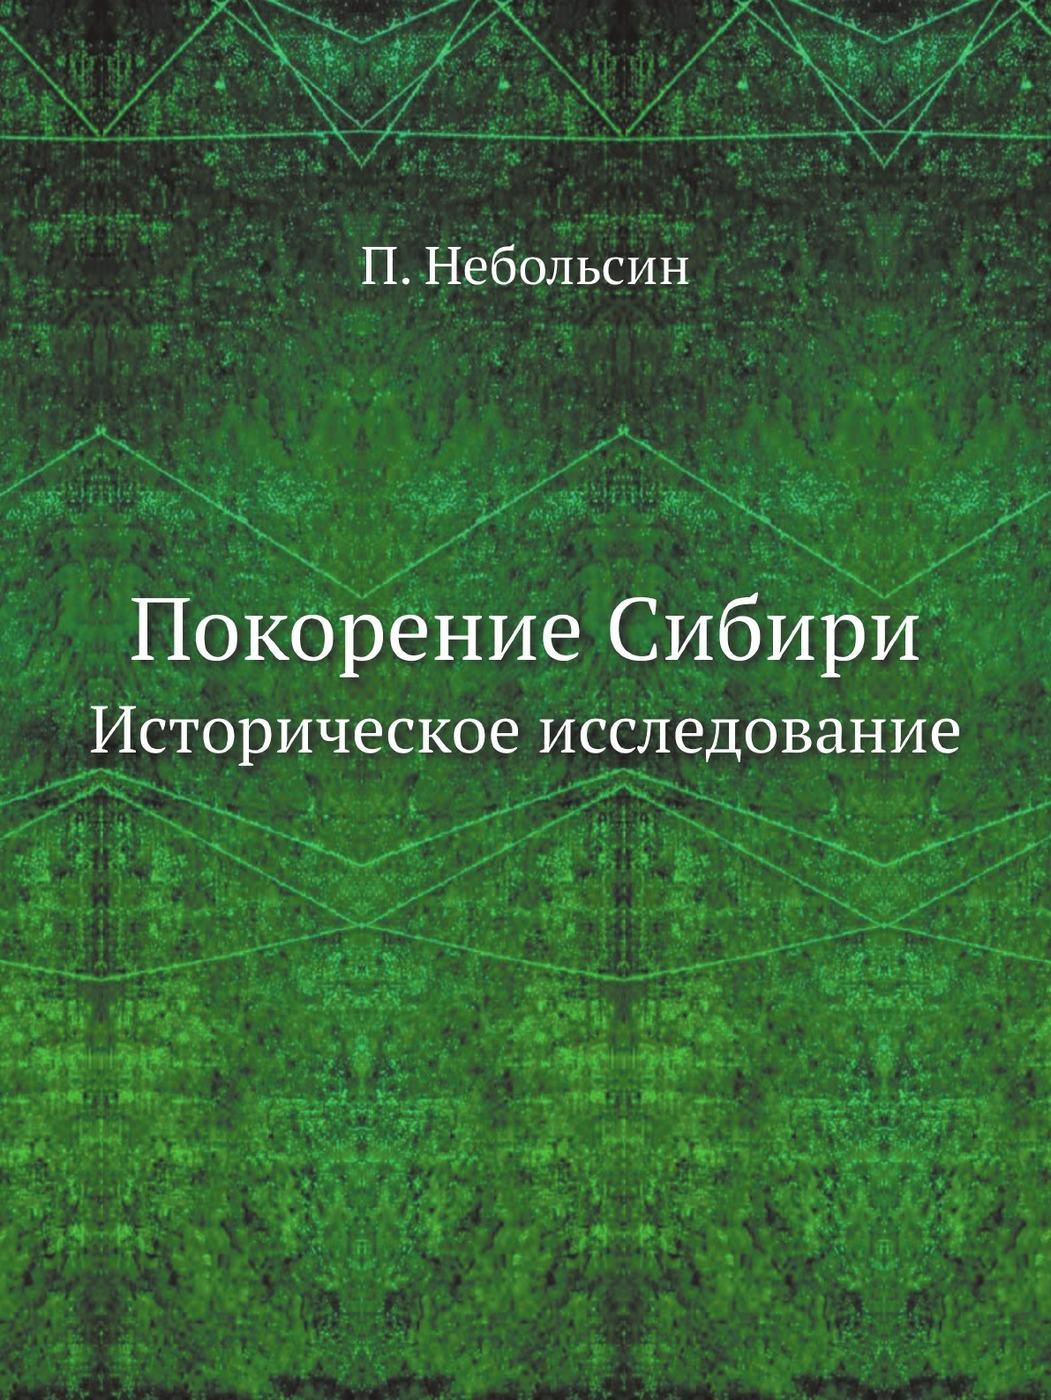 Покорение Сибири. Историческое исследование